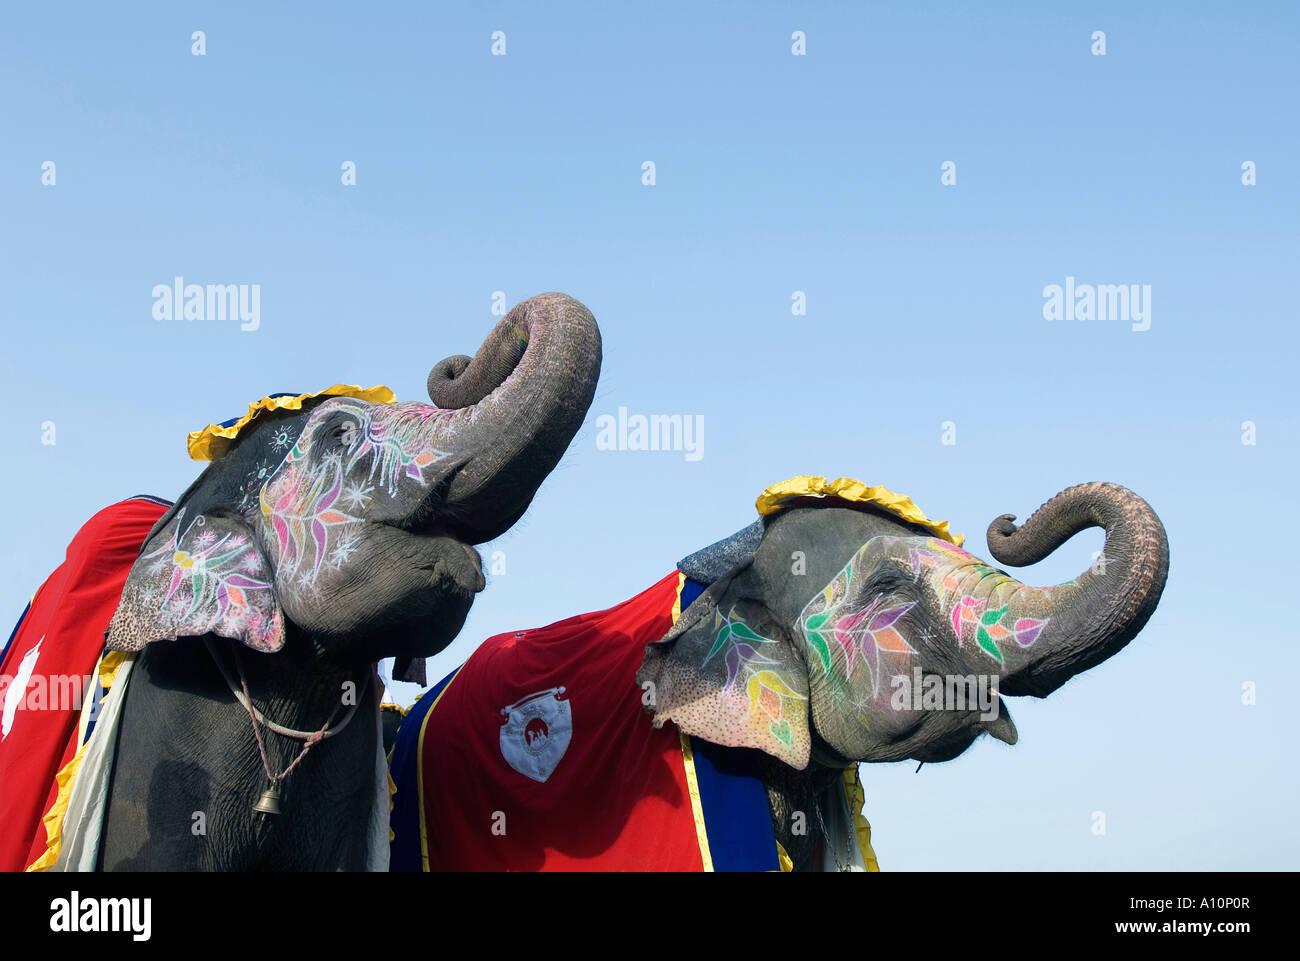 Niedrigen Winkel Ansicht von bemalten Elefanten bläst ihre Trompeten, Jaipur, Rajasthan, Indien Stockbild